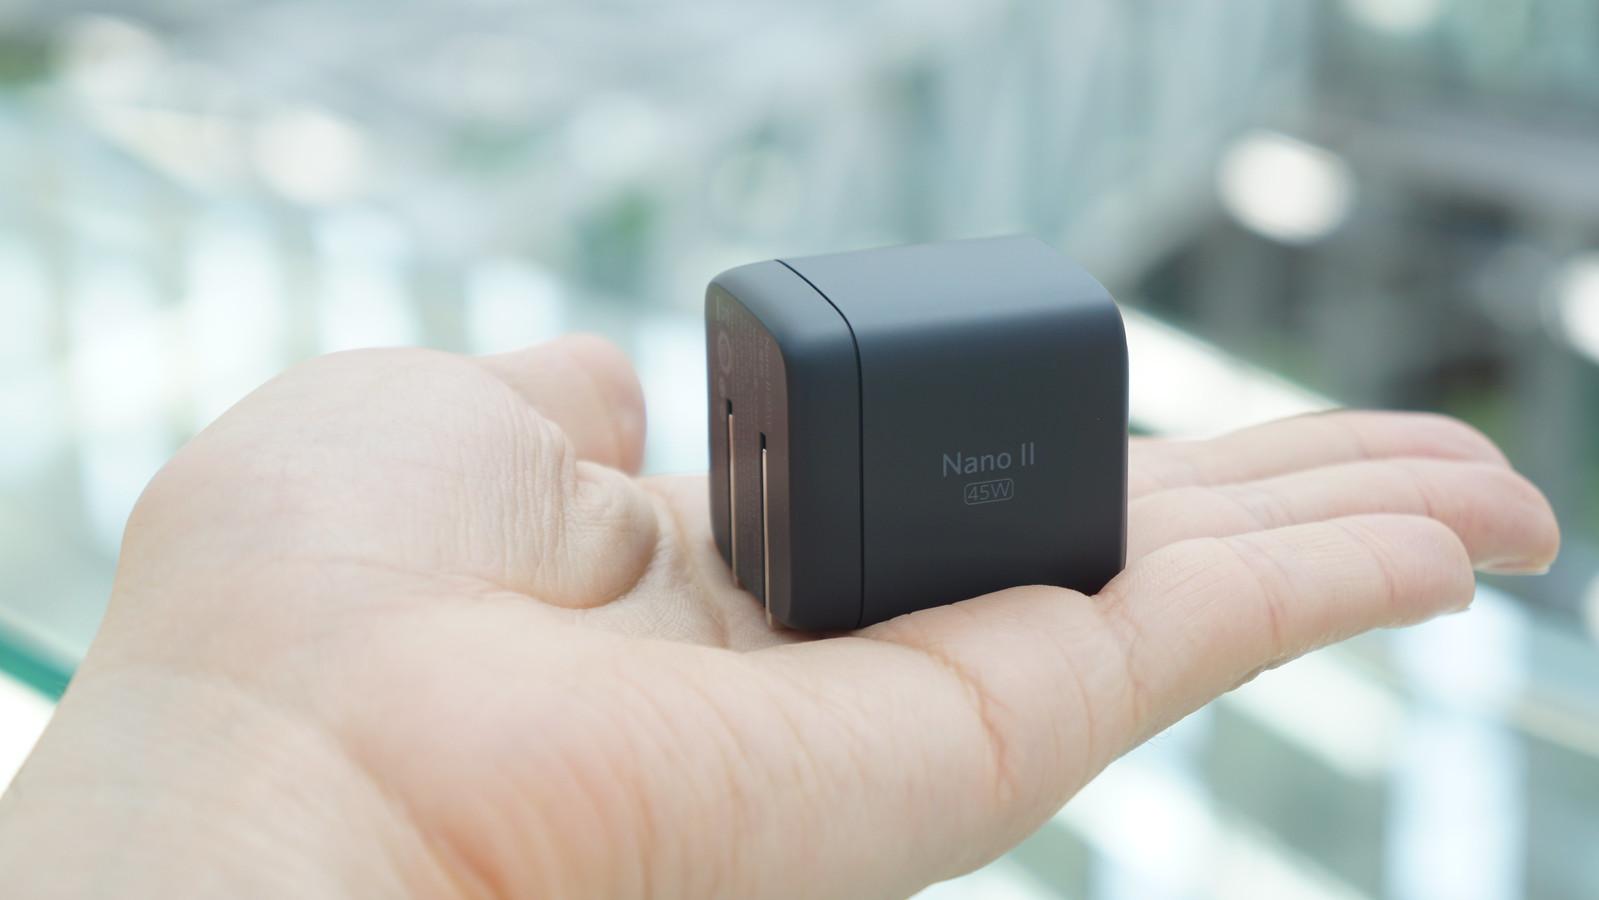 最大65W、超コンパクトな新世代充電器「Anker Nano II」登場。45Wは3390円できょう発売